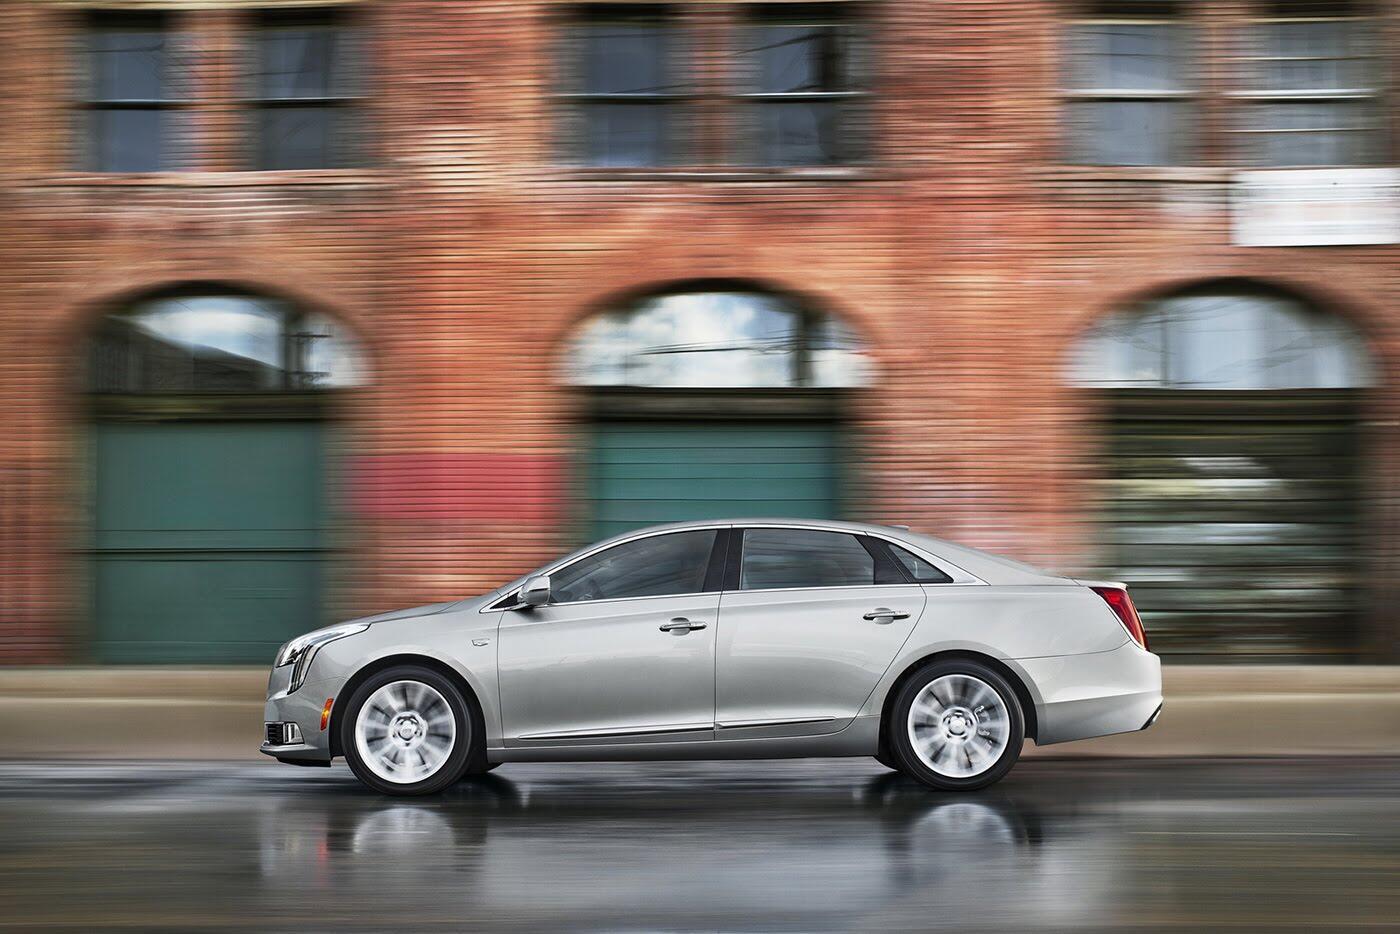 Cadillac XTS 2018 lộ diện với thiết kế hoàn toàn mới - Hình 2